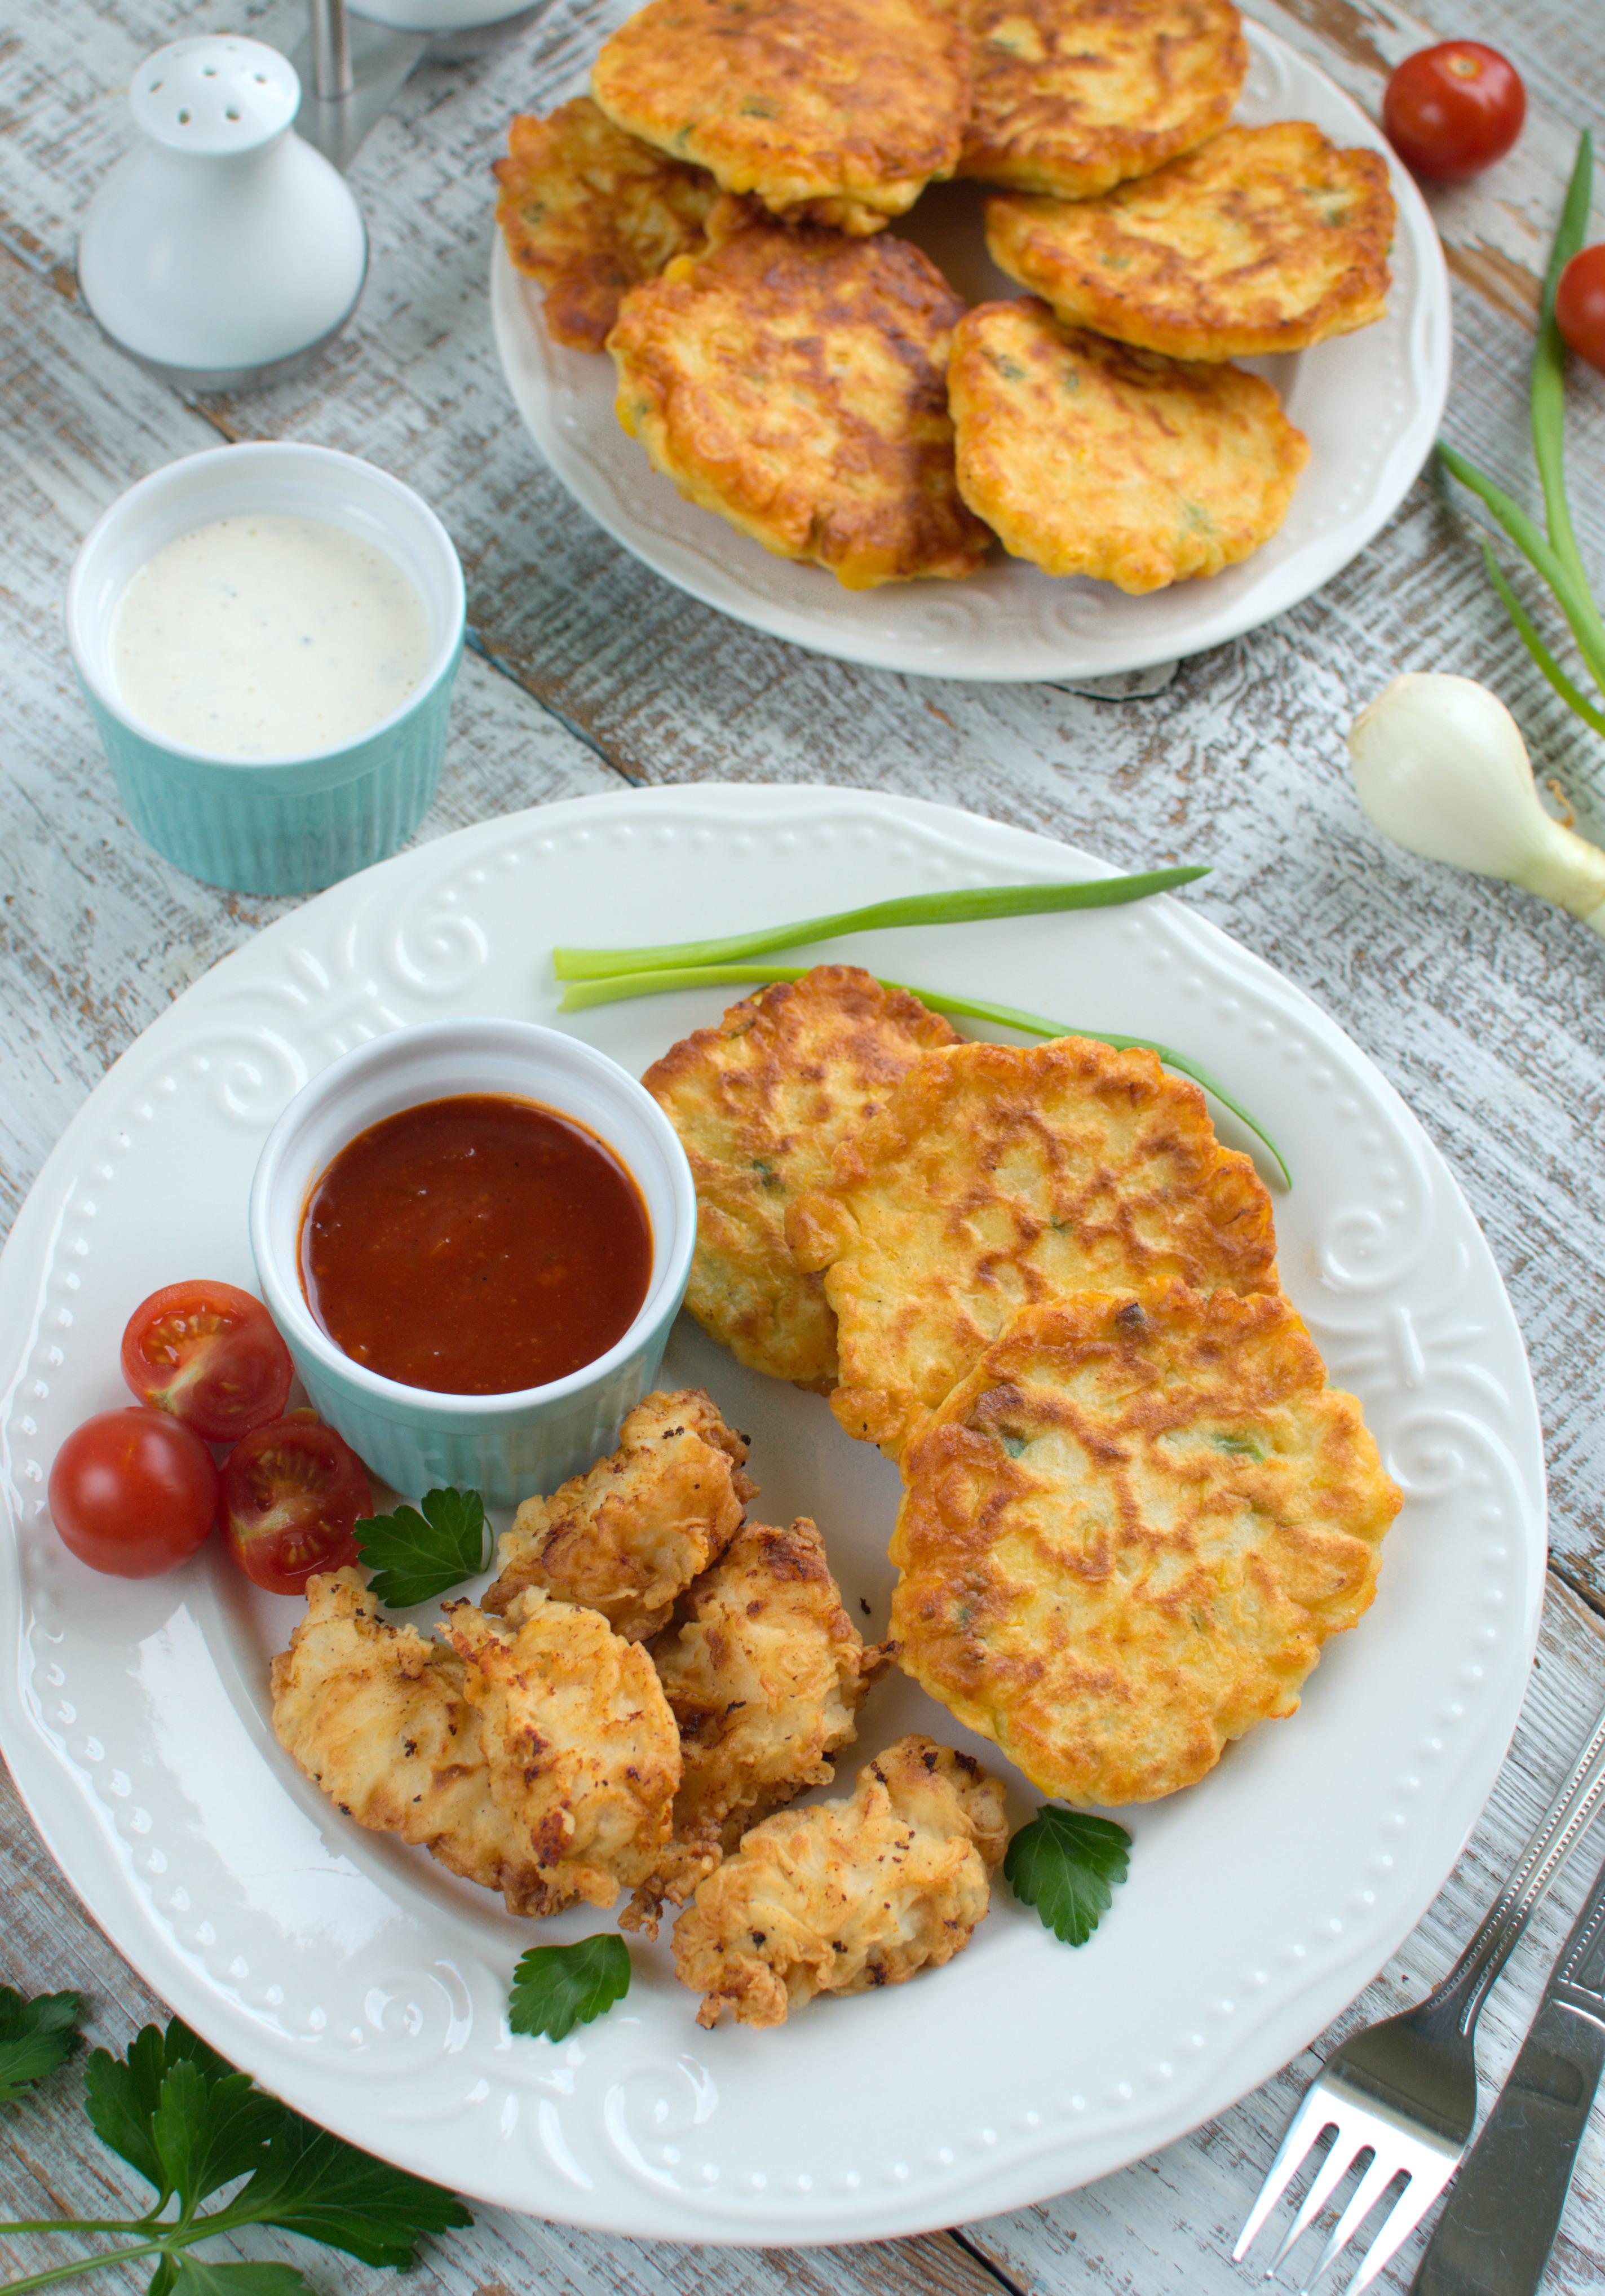 Smażony kurczak z placuszkami z kukurydzy i sosem barbecue